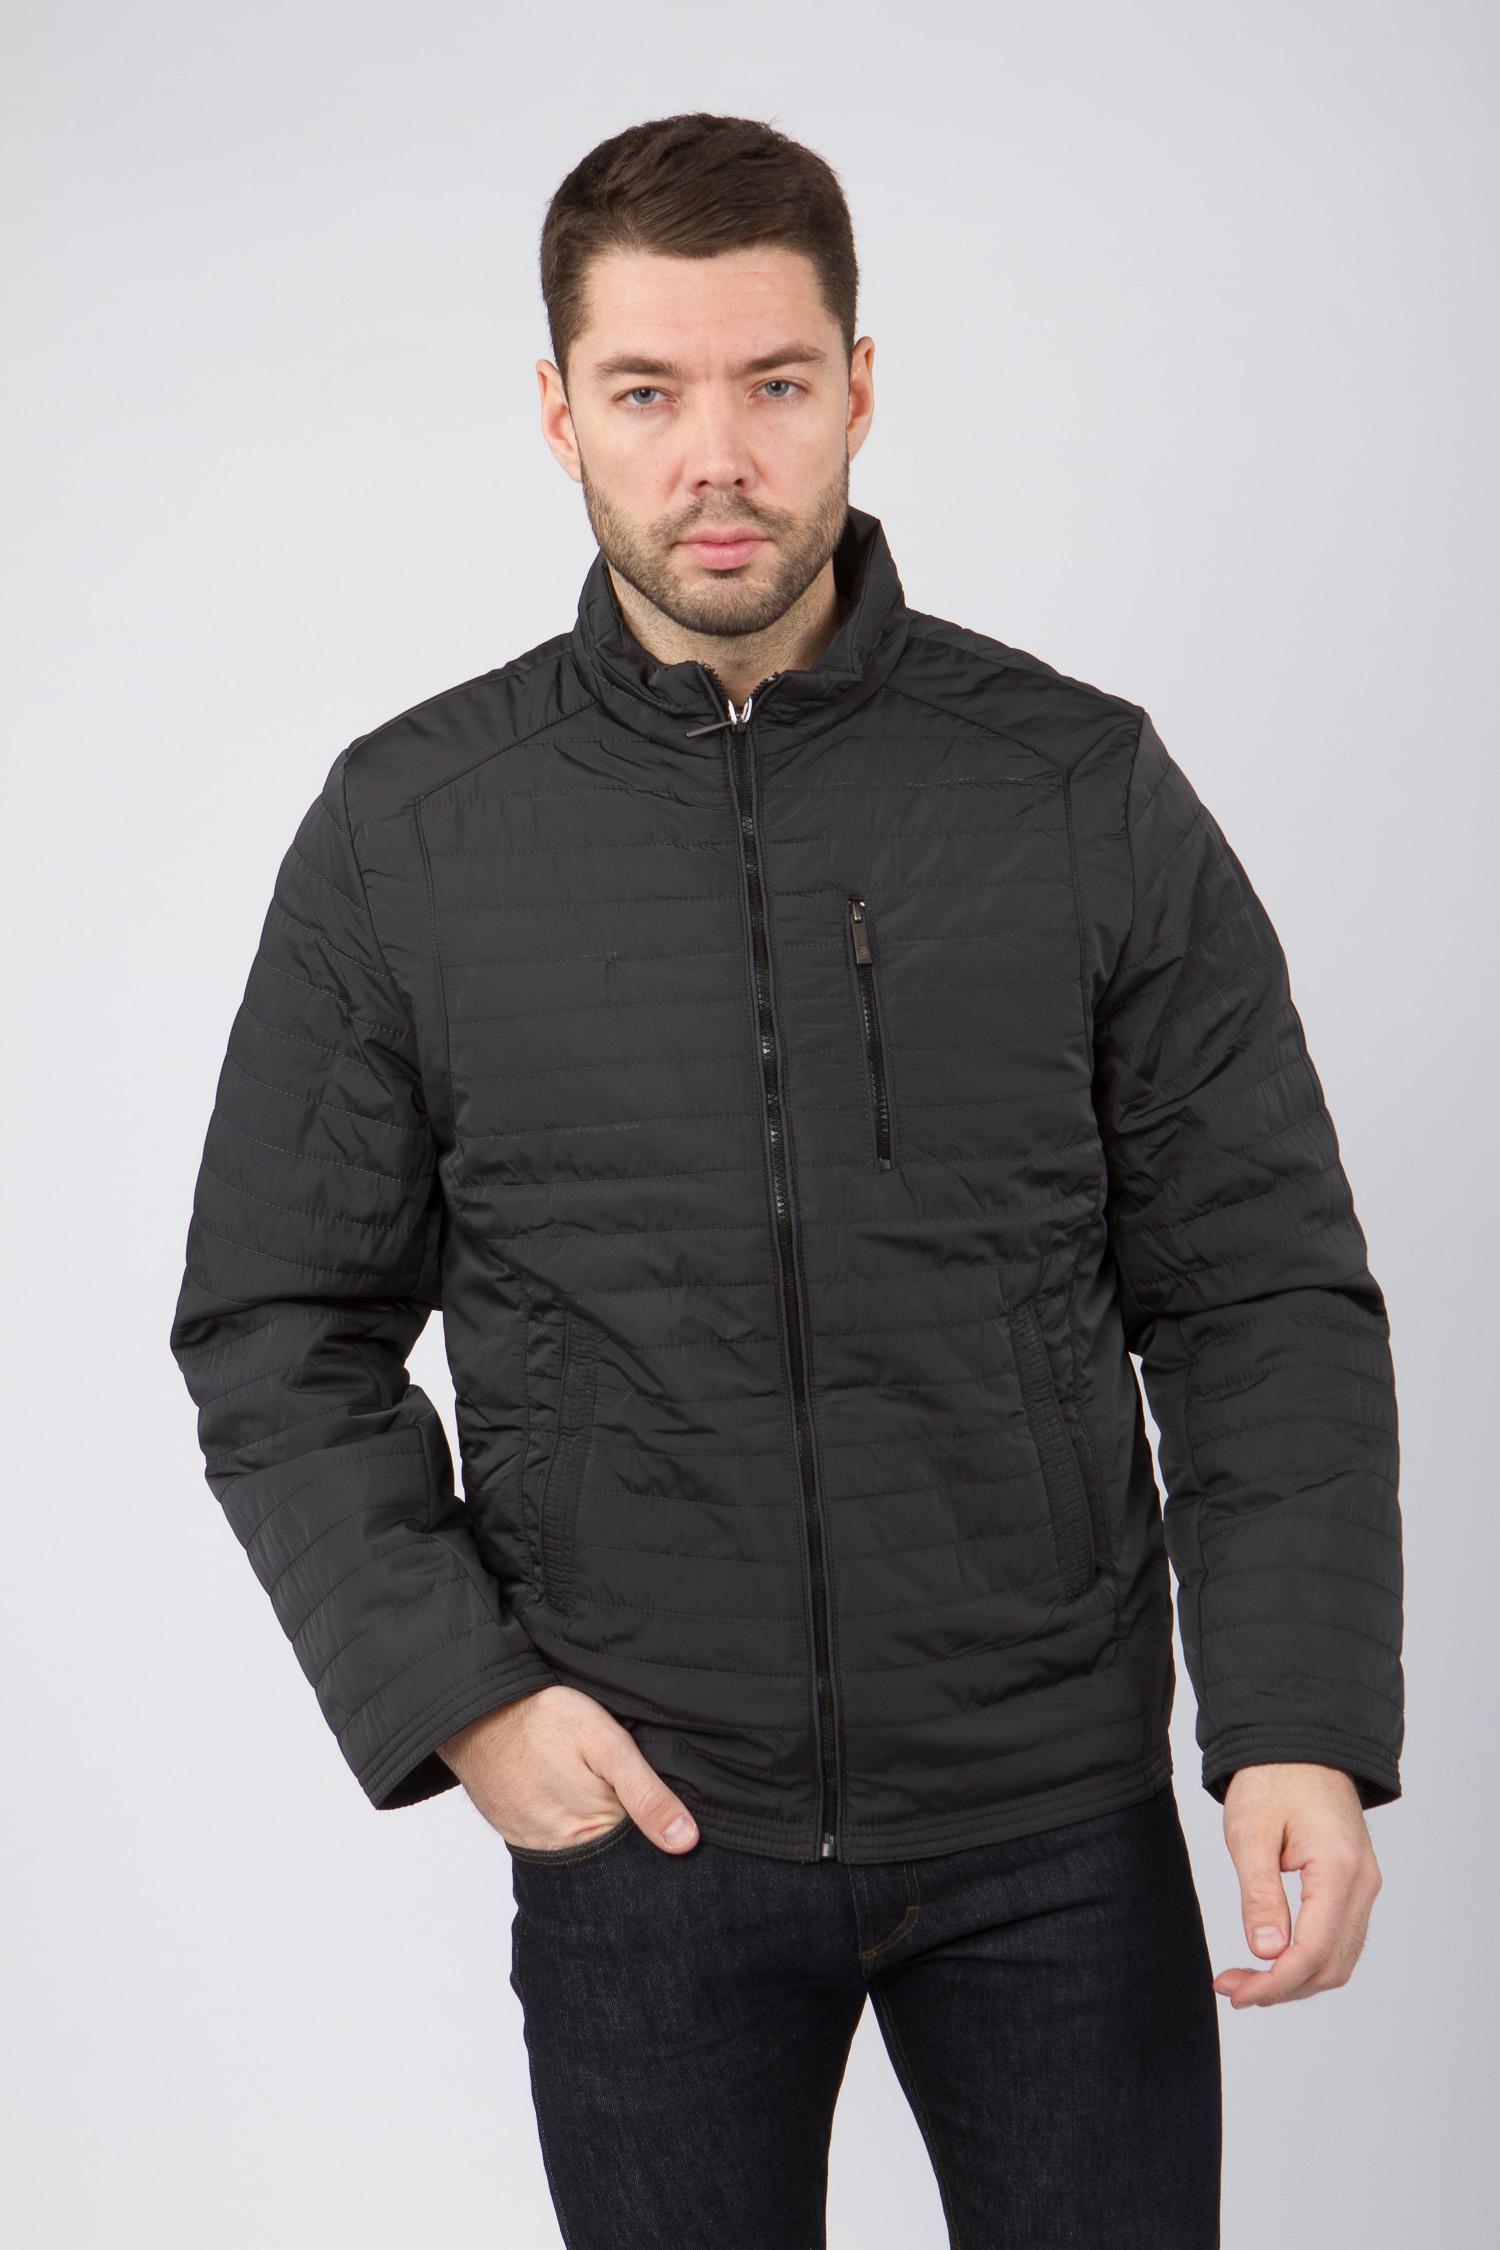 Мужская куртка из текстиля с воротником, без отделки<br><br>Воротник: стойка<br>Длина см: Короткая (51-74 )<br>Материал: Текстиль<br>Цвет: серый<br>Вид застежки: центральная<br>Застежка: на молнии<br>Пол: Мужской<br>Размер RU: 56